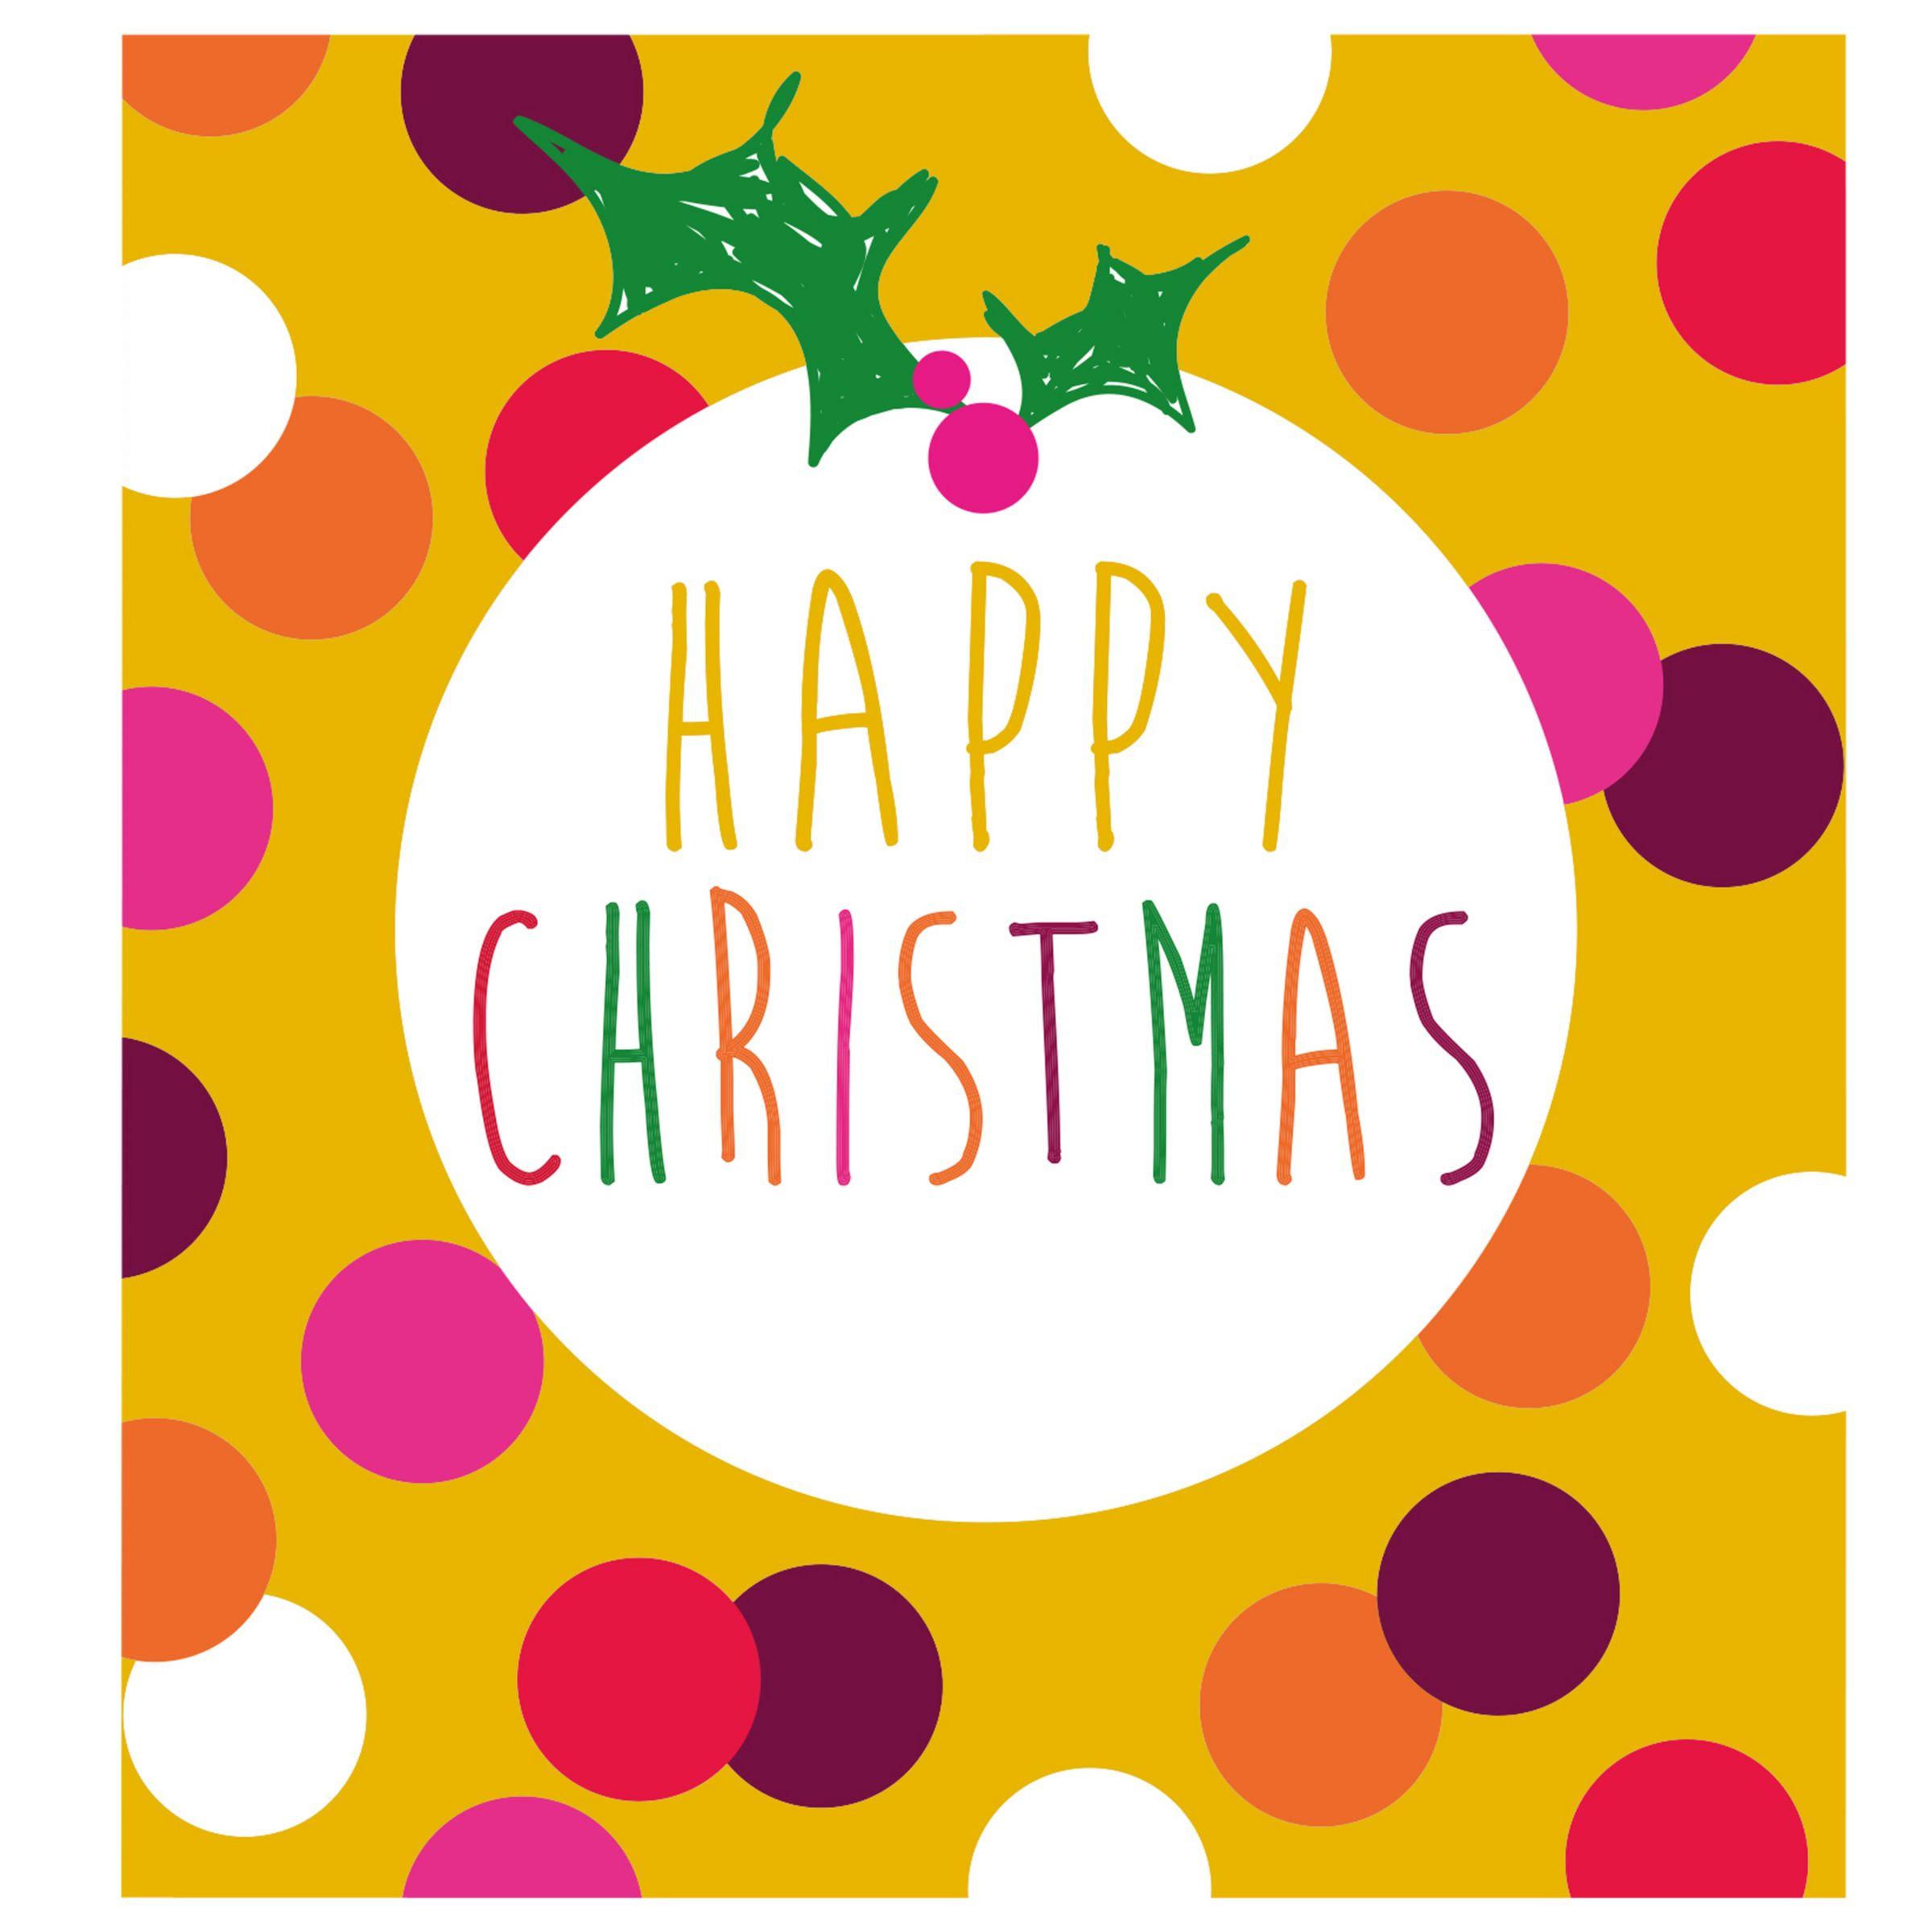 Caroline Gardner Caroline Gardner Pudding Charity Christmas Cards, Pack of 5, Gold Glitter